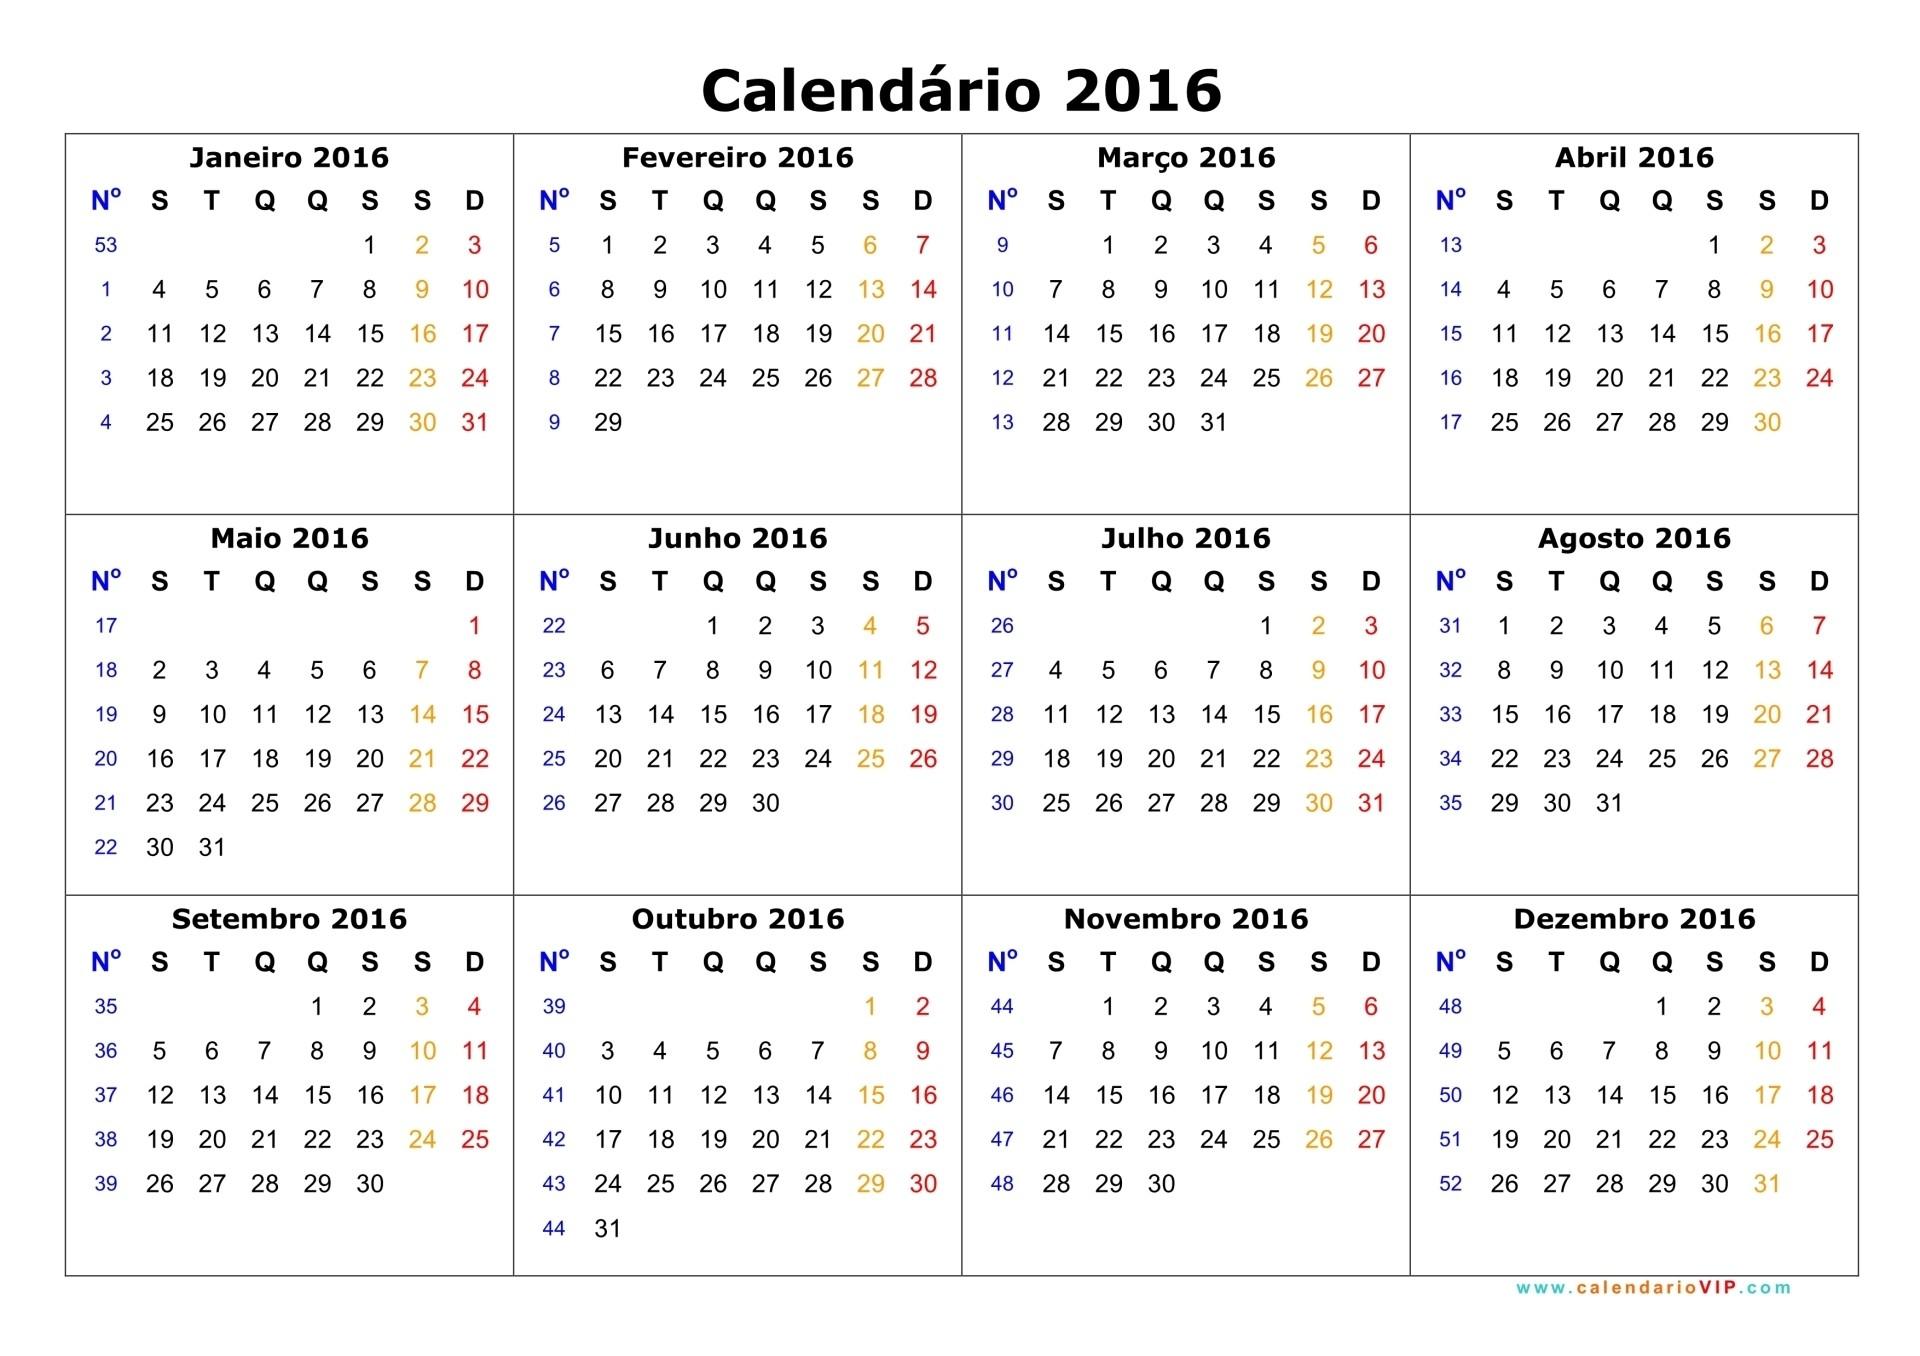 Calendario Enero 2019 Para Imprimir Excel Más Recientes Calendarios 2016 Para Imprimir Calendario Abril 2016 Agenda Of Calendario Enero 2019 Para Imprimir Excel Más Recientes Paras 2018 Calendar Printable for Free Download India Usa Uk